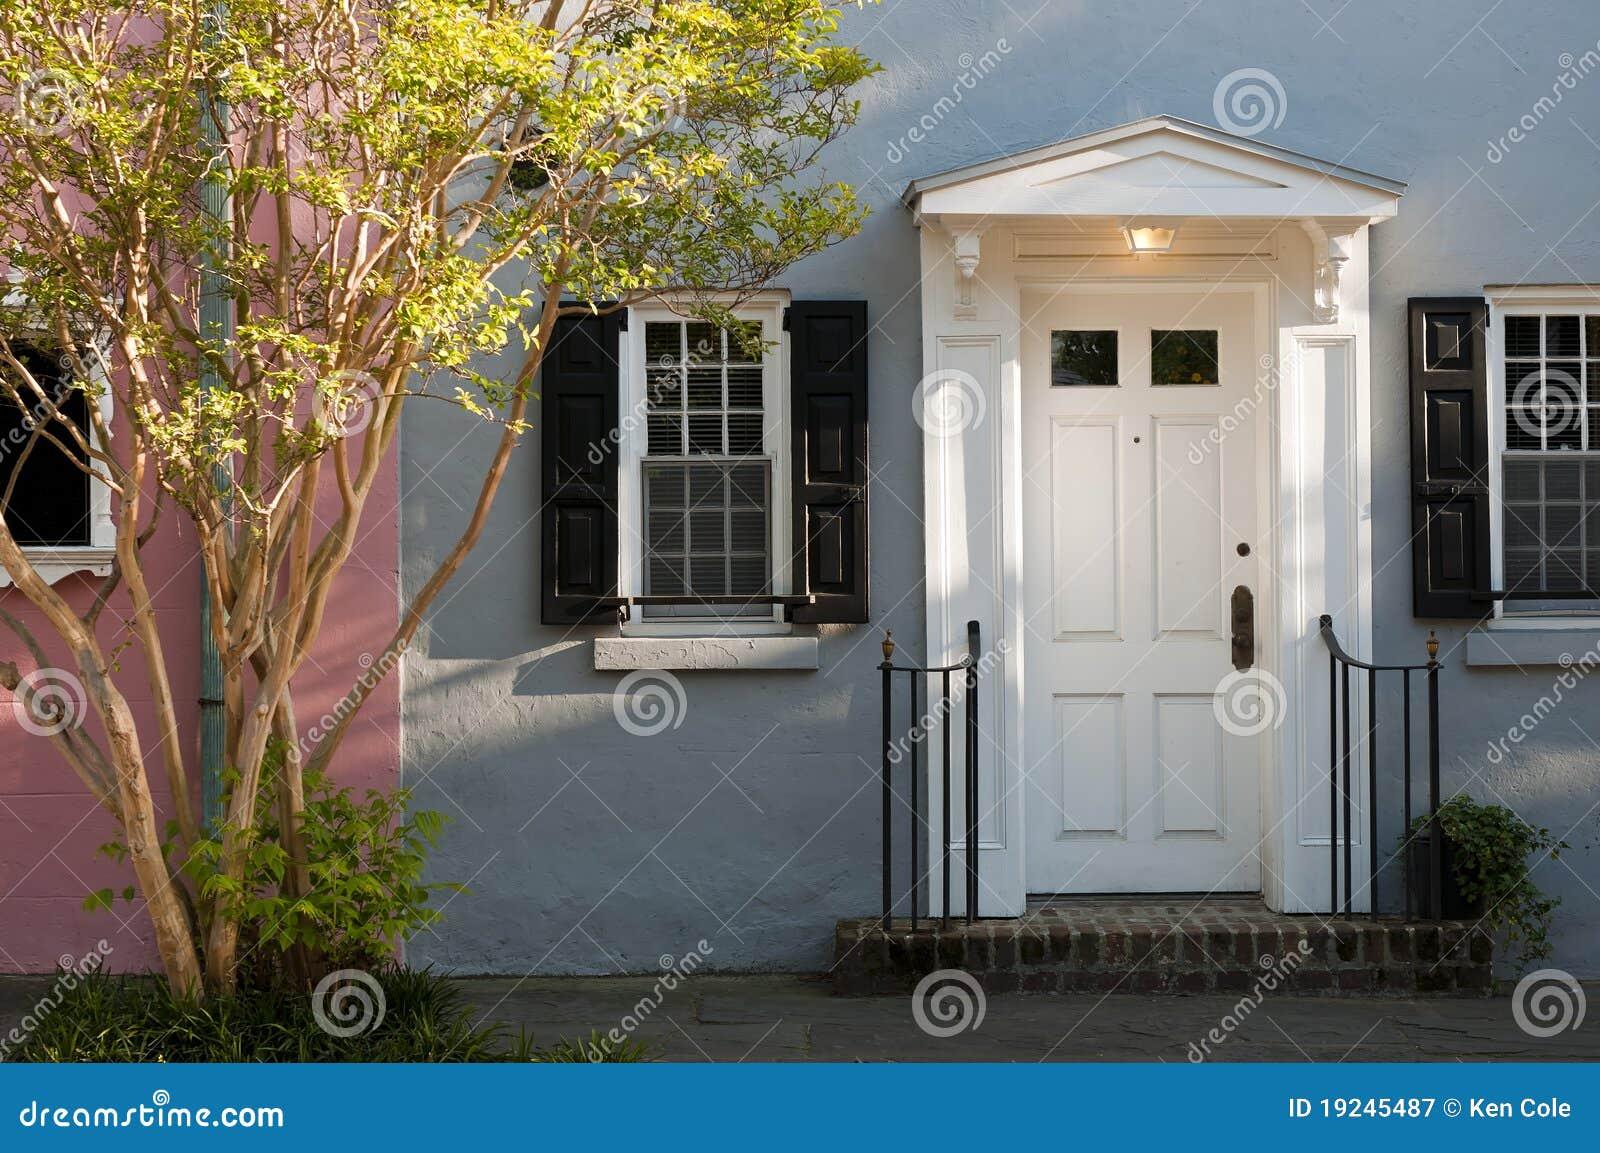 Geöffnete haustür  Eine Geöffnete Haustür Stockfotografie - Bild: 3311752